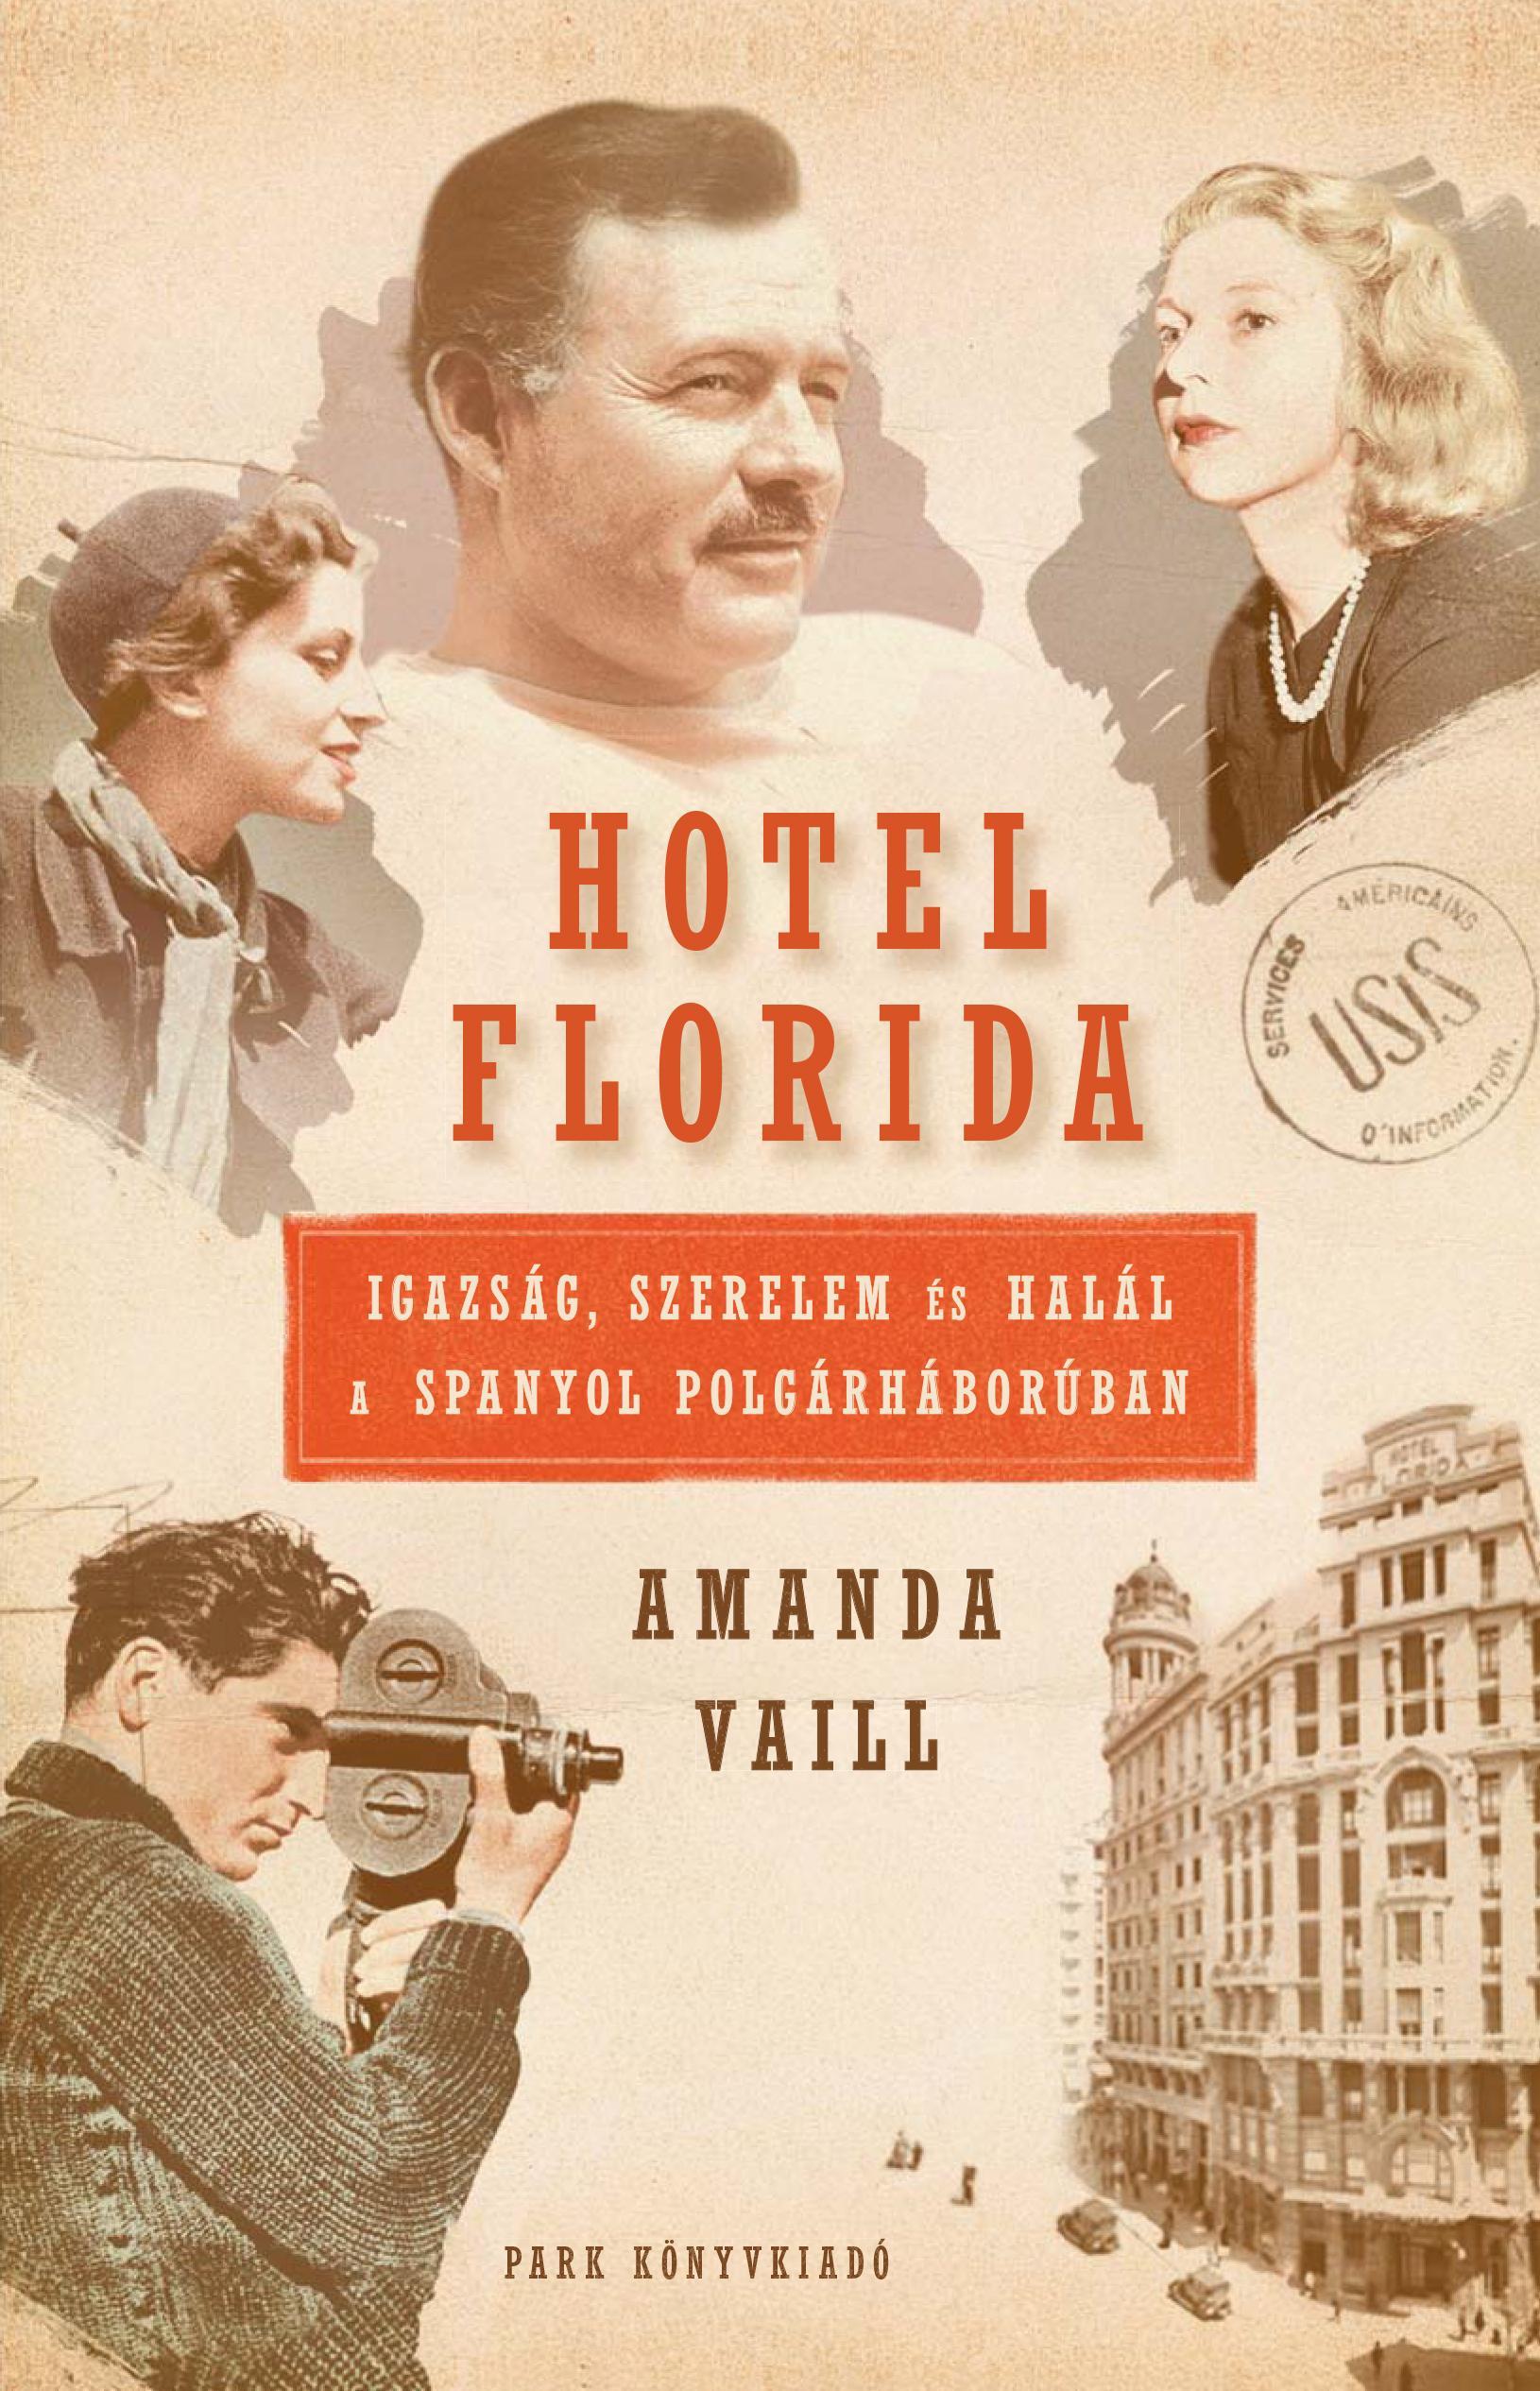 HOTEL FLORIDA - IGAZSÁG, SZERELEM ÉS HALÁL A SPANYOL POLGÁRHÁBORÚBAN